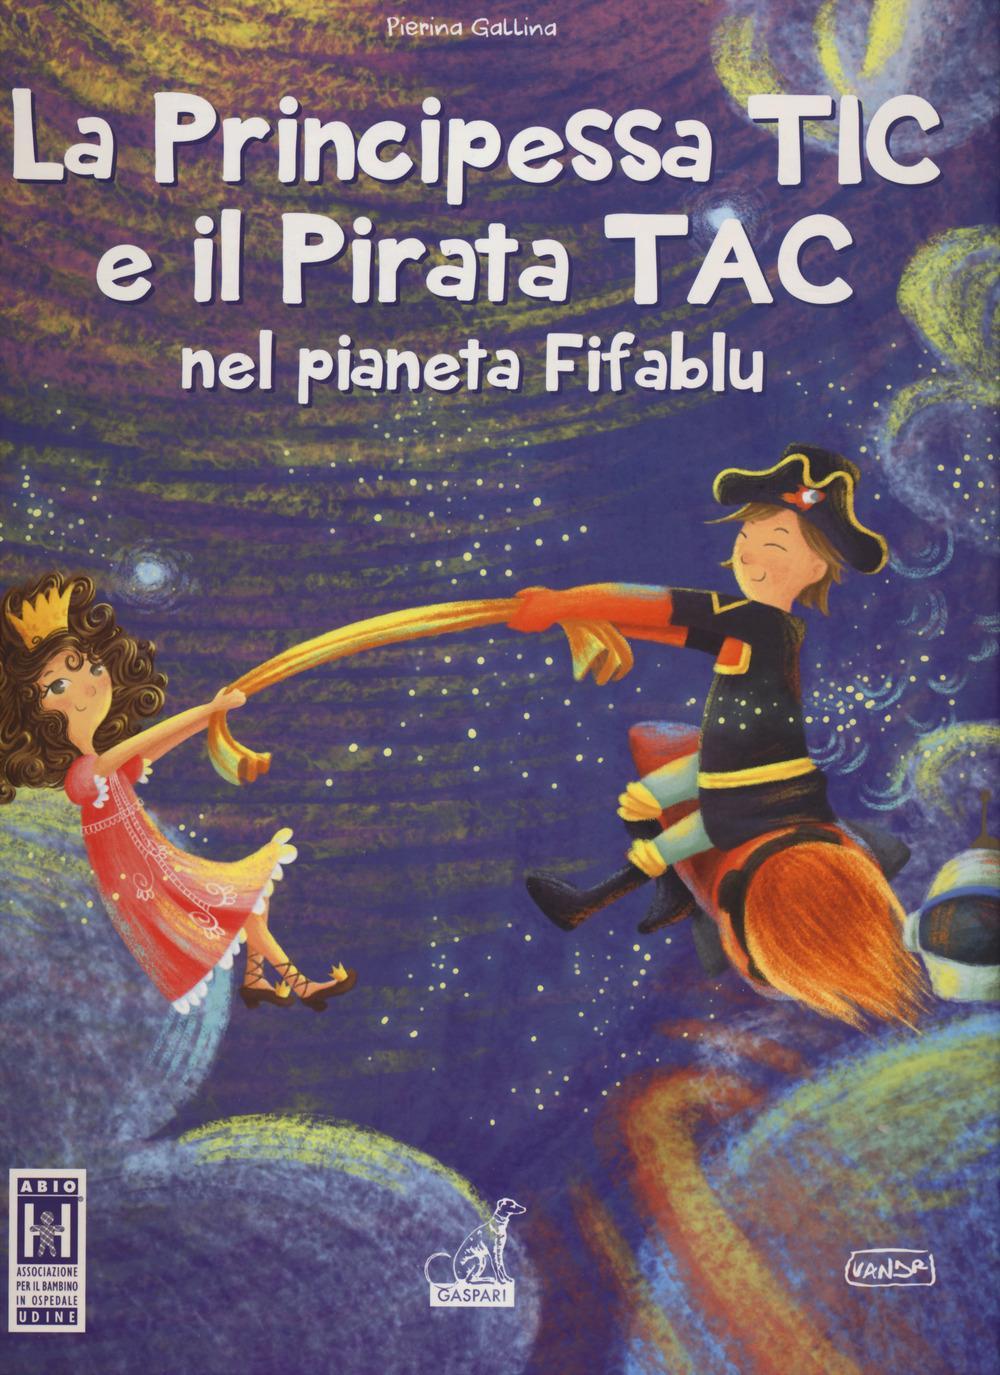 La Principessa TIC e il Pirata TAC